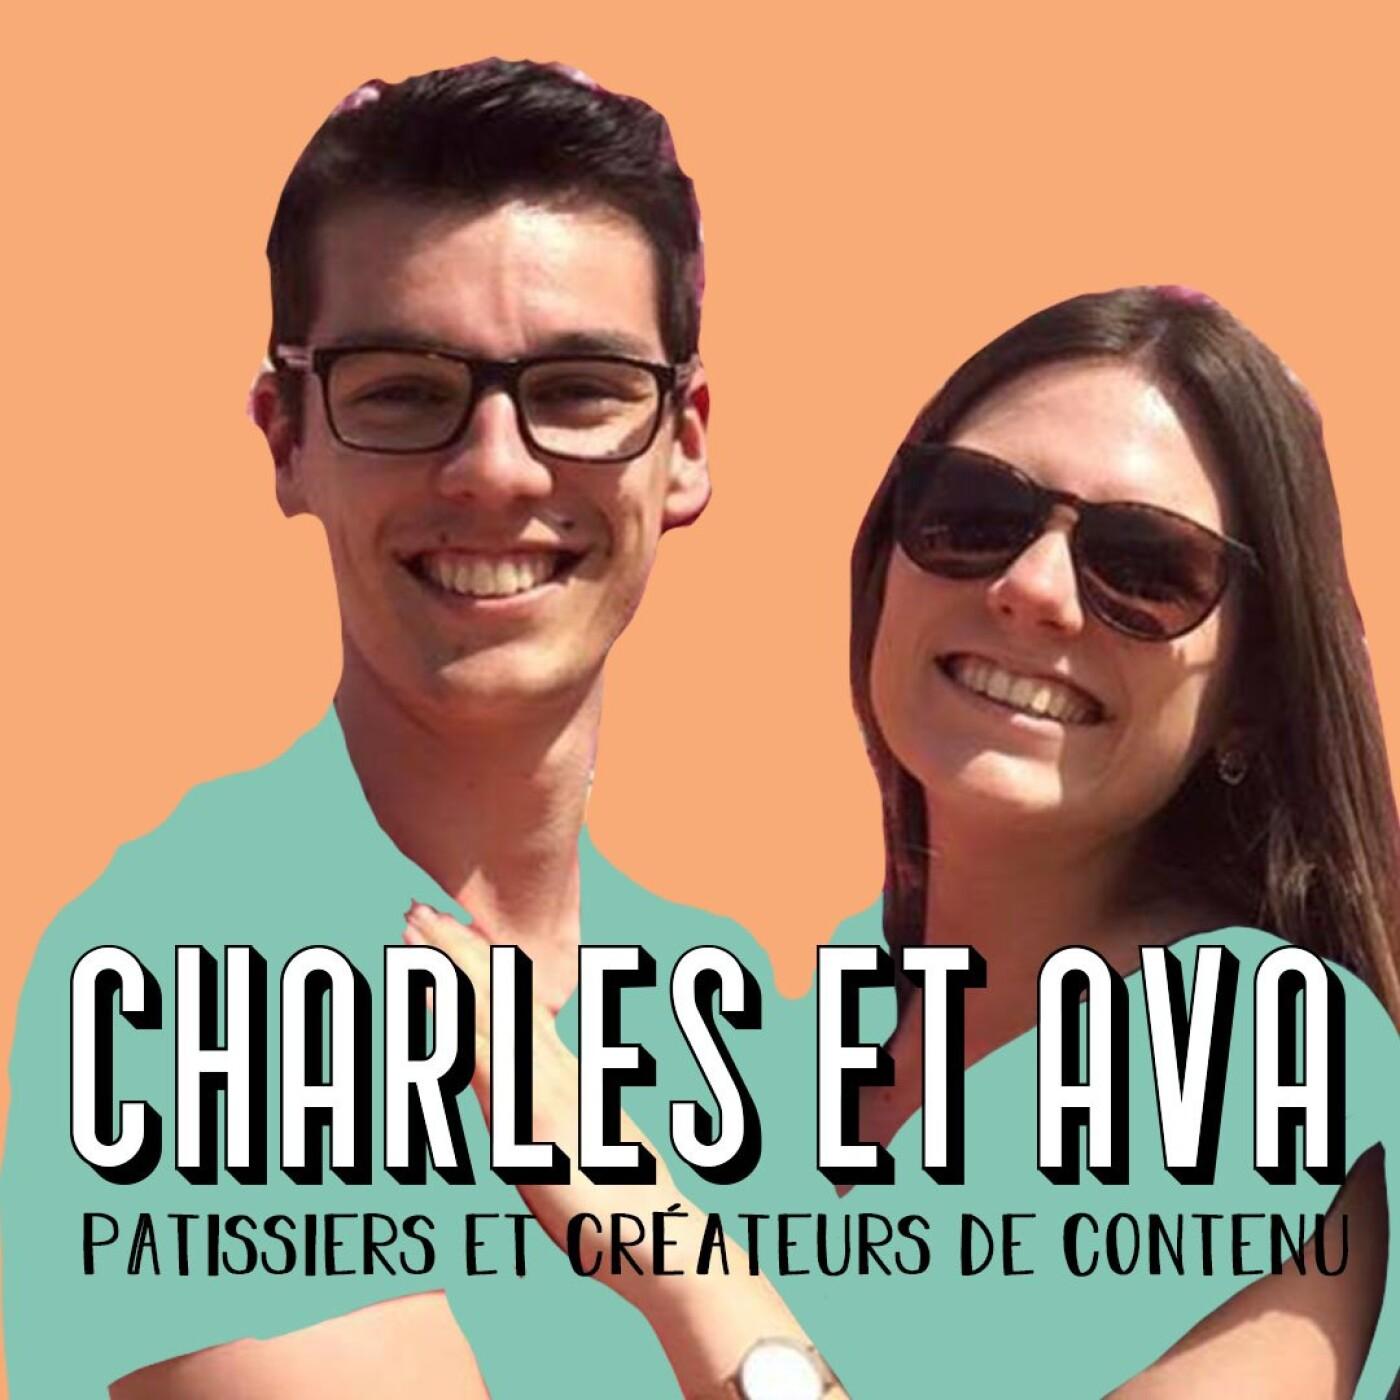 Charles et Ava - Plaquer médecine pour vivre de la pâtisserie